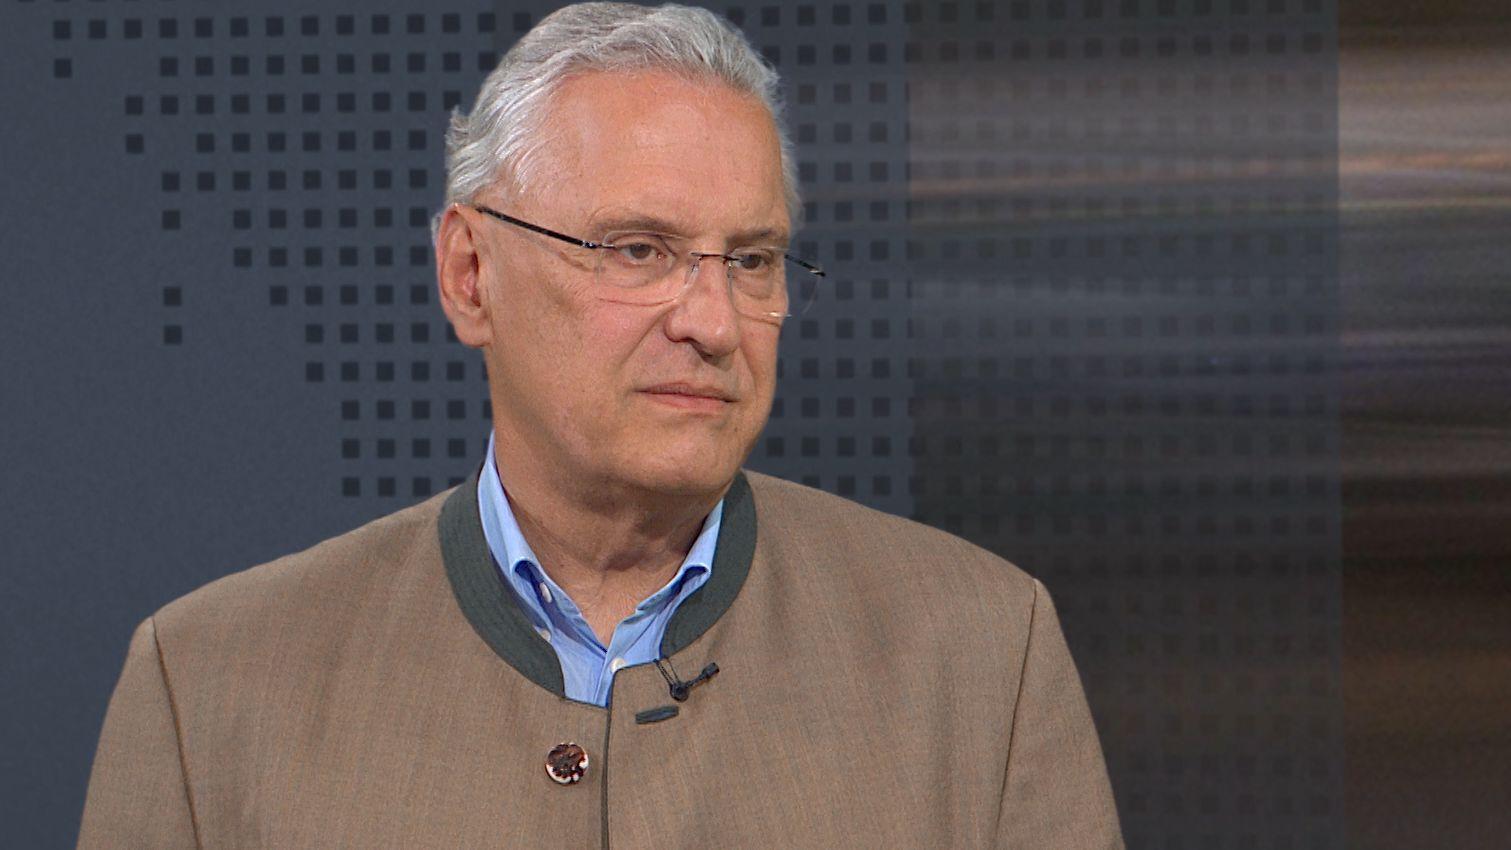 Innenminister Joachim Herrmann, CSU